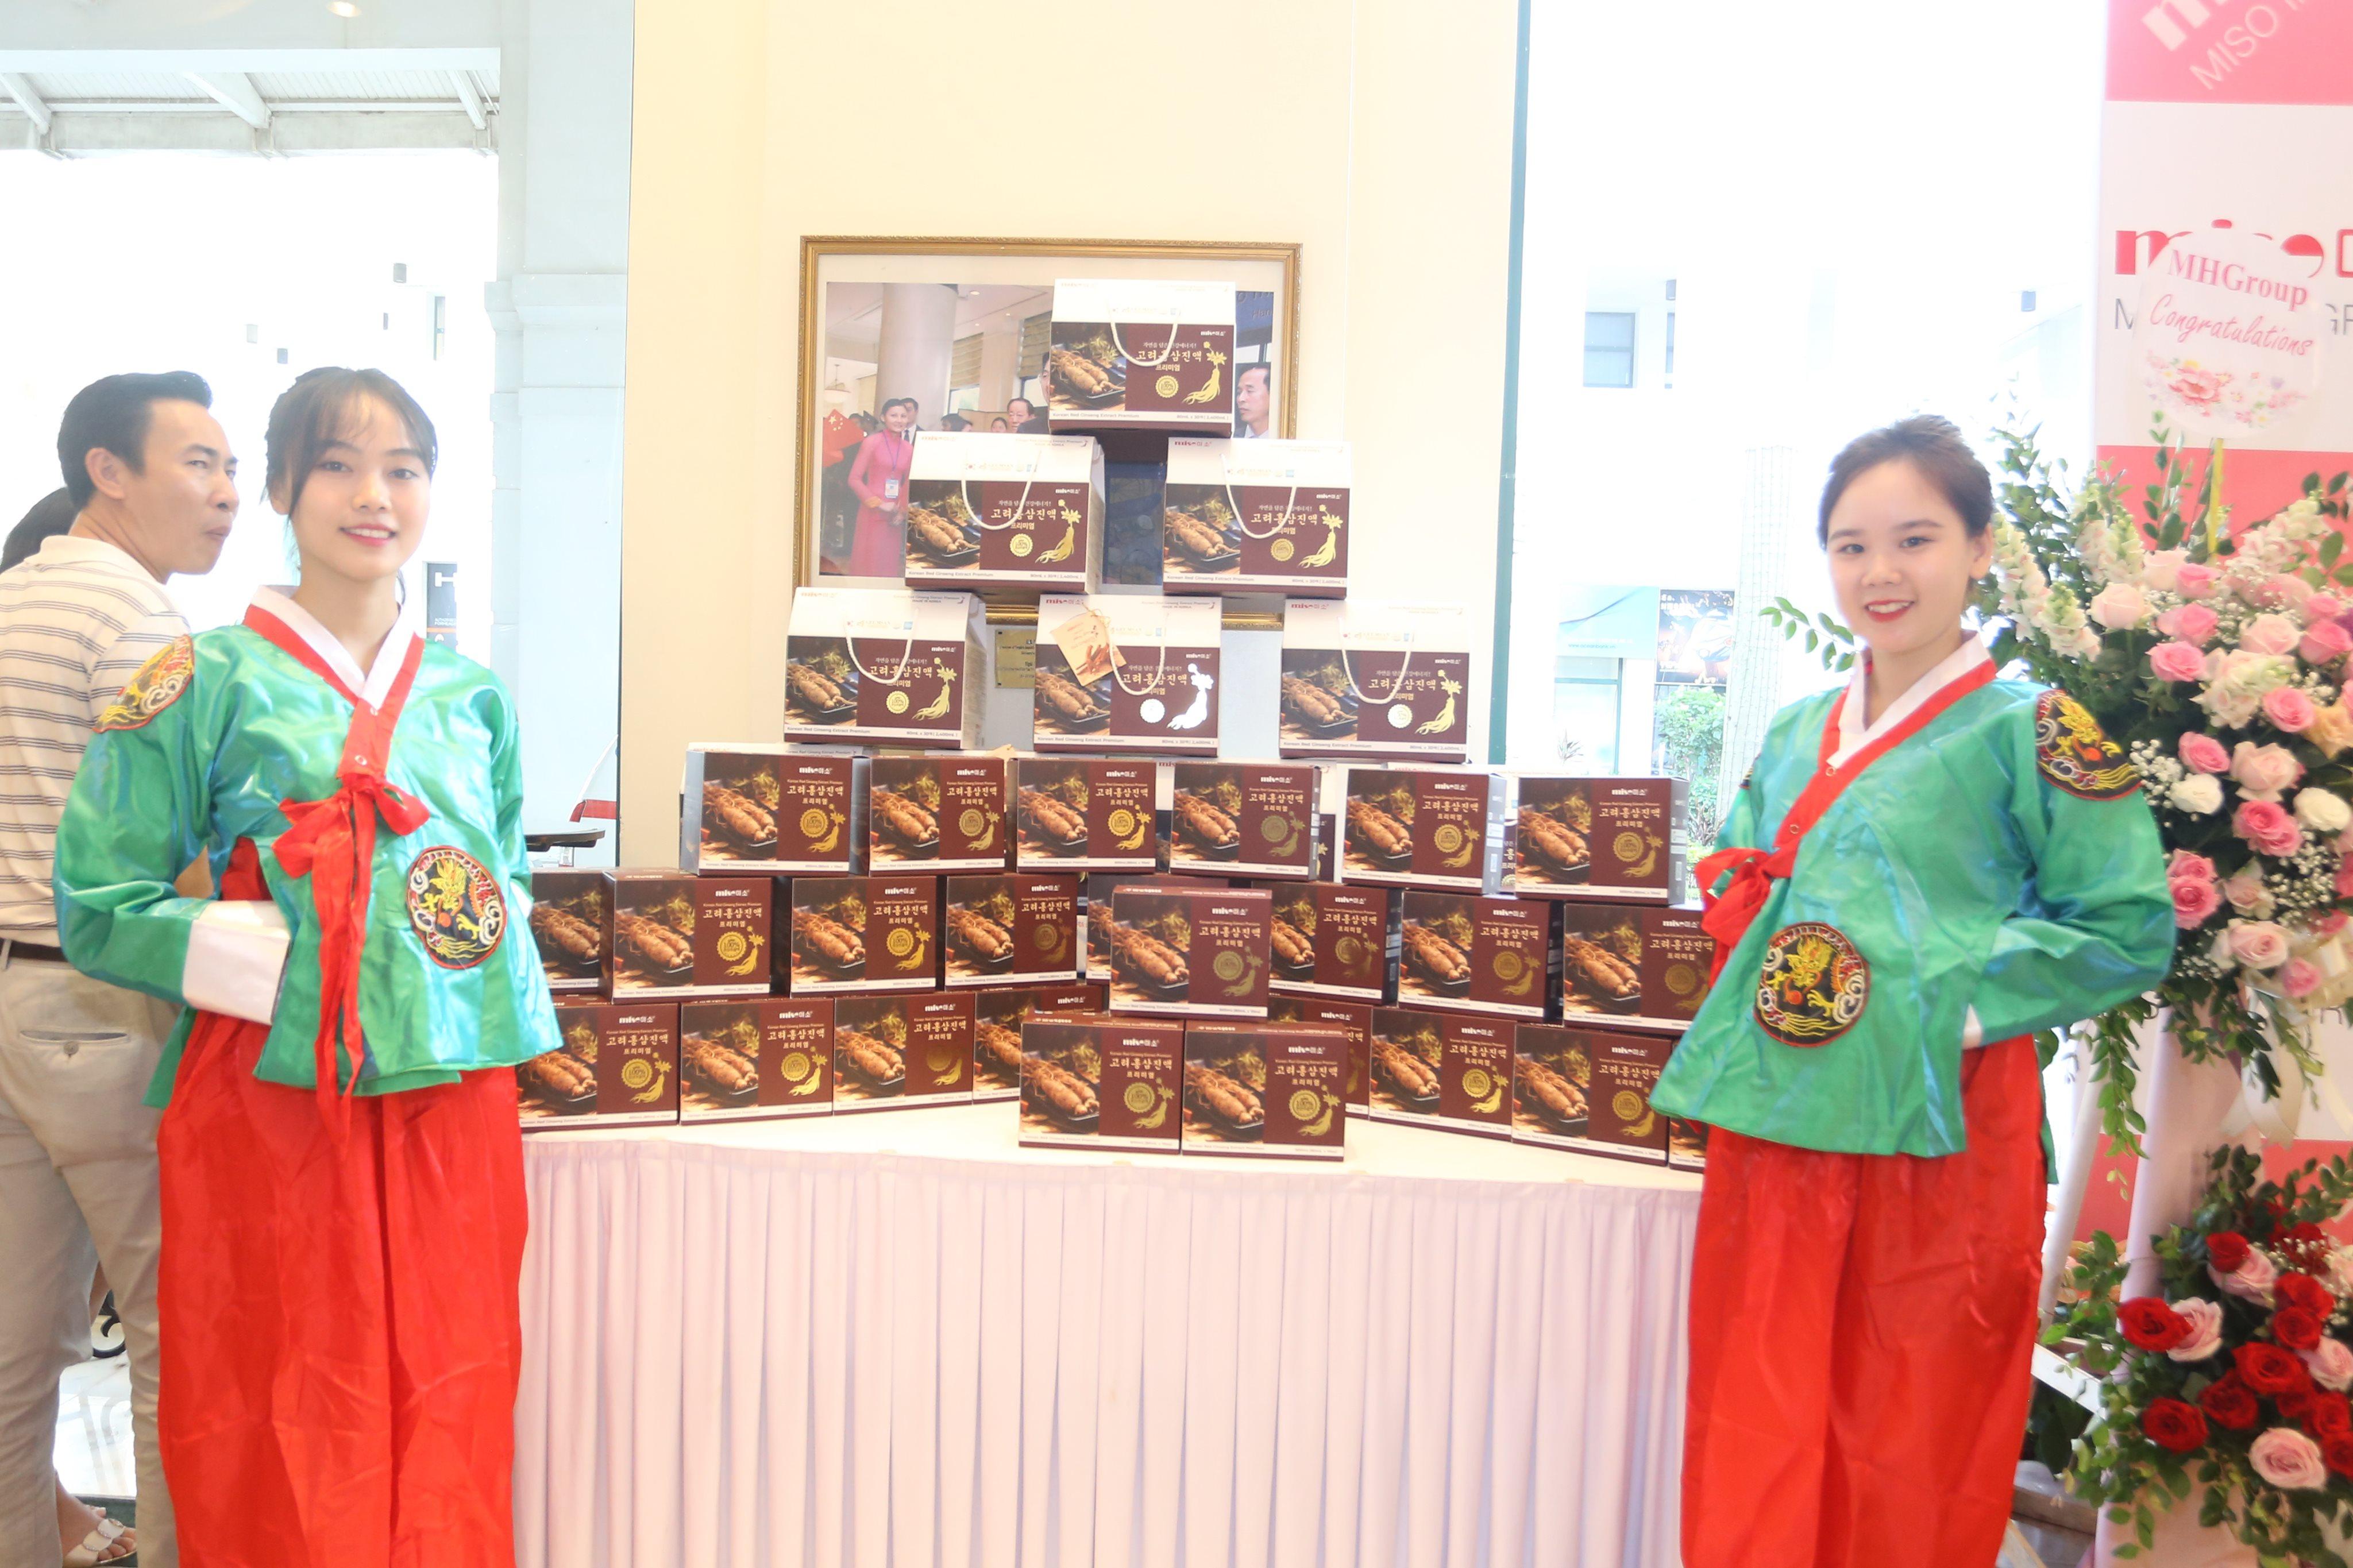 """Hồng sâm nổi tiếng nhất Hàn Quốc """"đổ bộ"""" thị trường Việt Nam"""